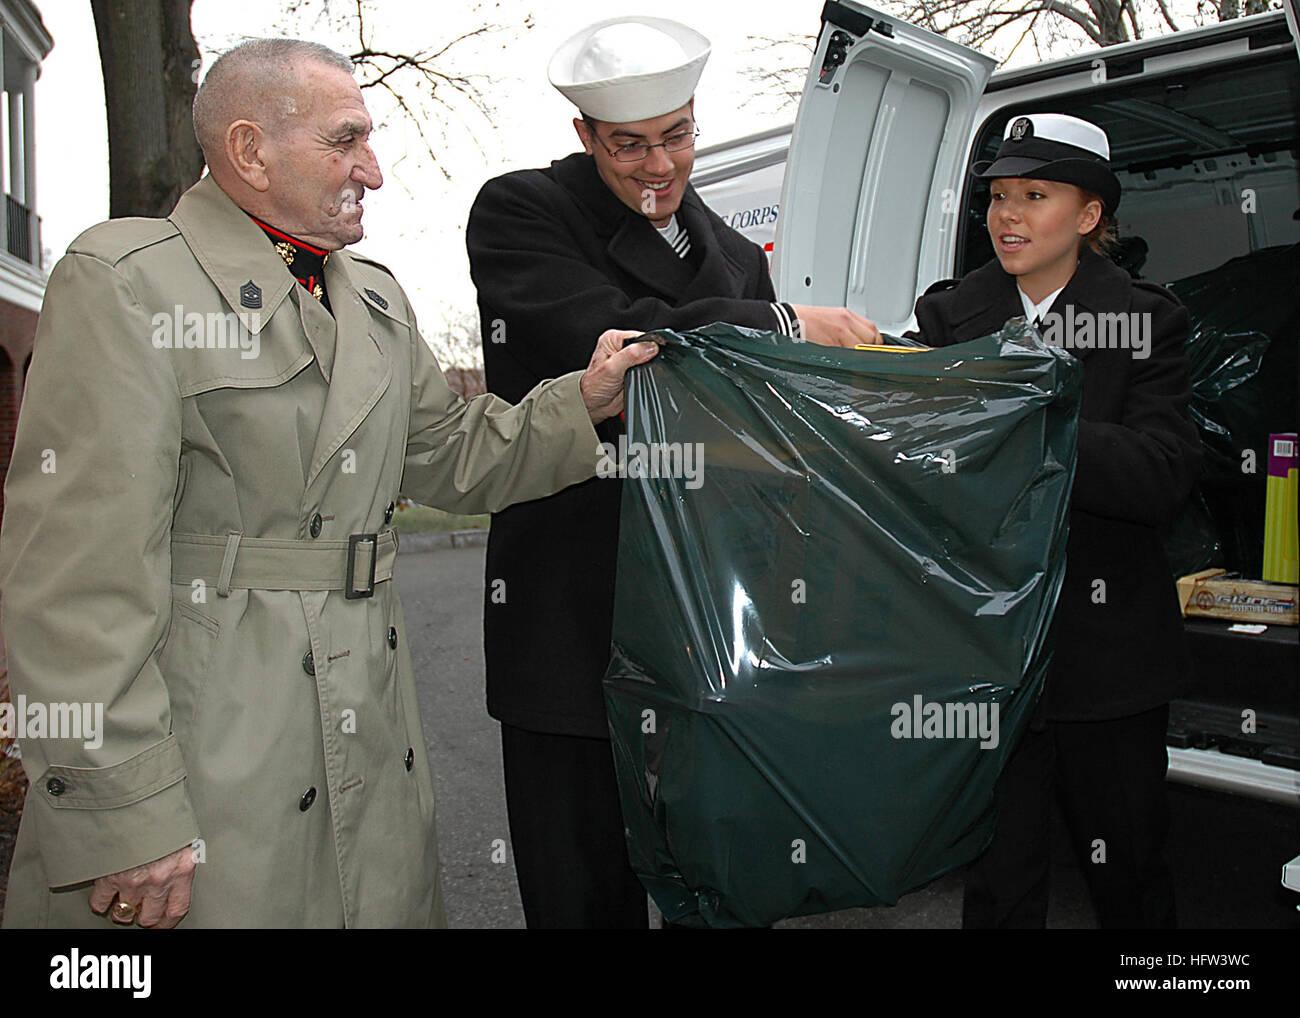 071202-N-1060K-007 de Charlestown, Massachusetts (Dec. 2, 2007) USS Constitution marineros marinero Nola chispas Imagen De Stock